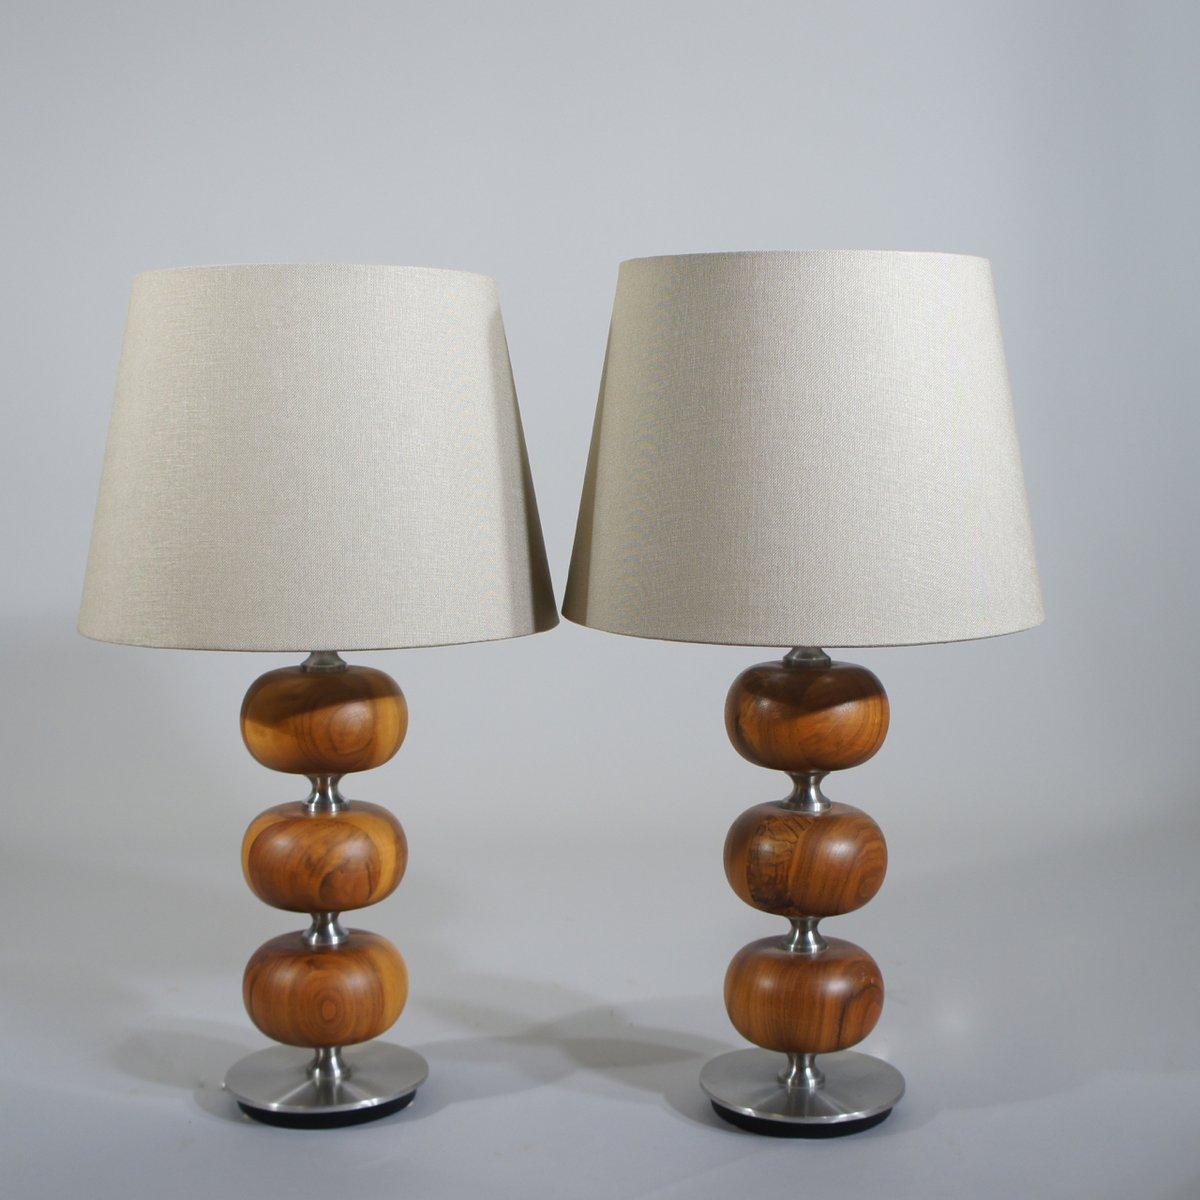 Tischlampen von Tranås Stilarmatur, 1970er, 2er Set